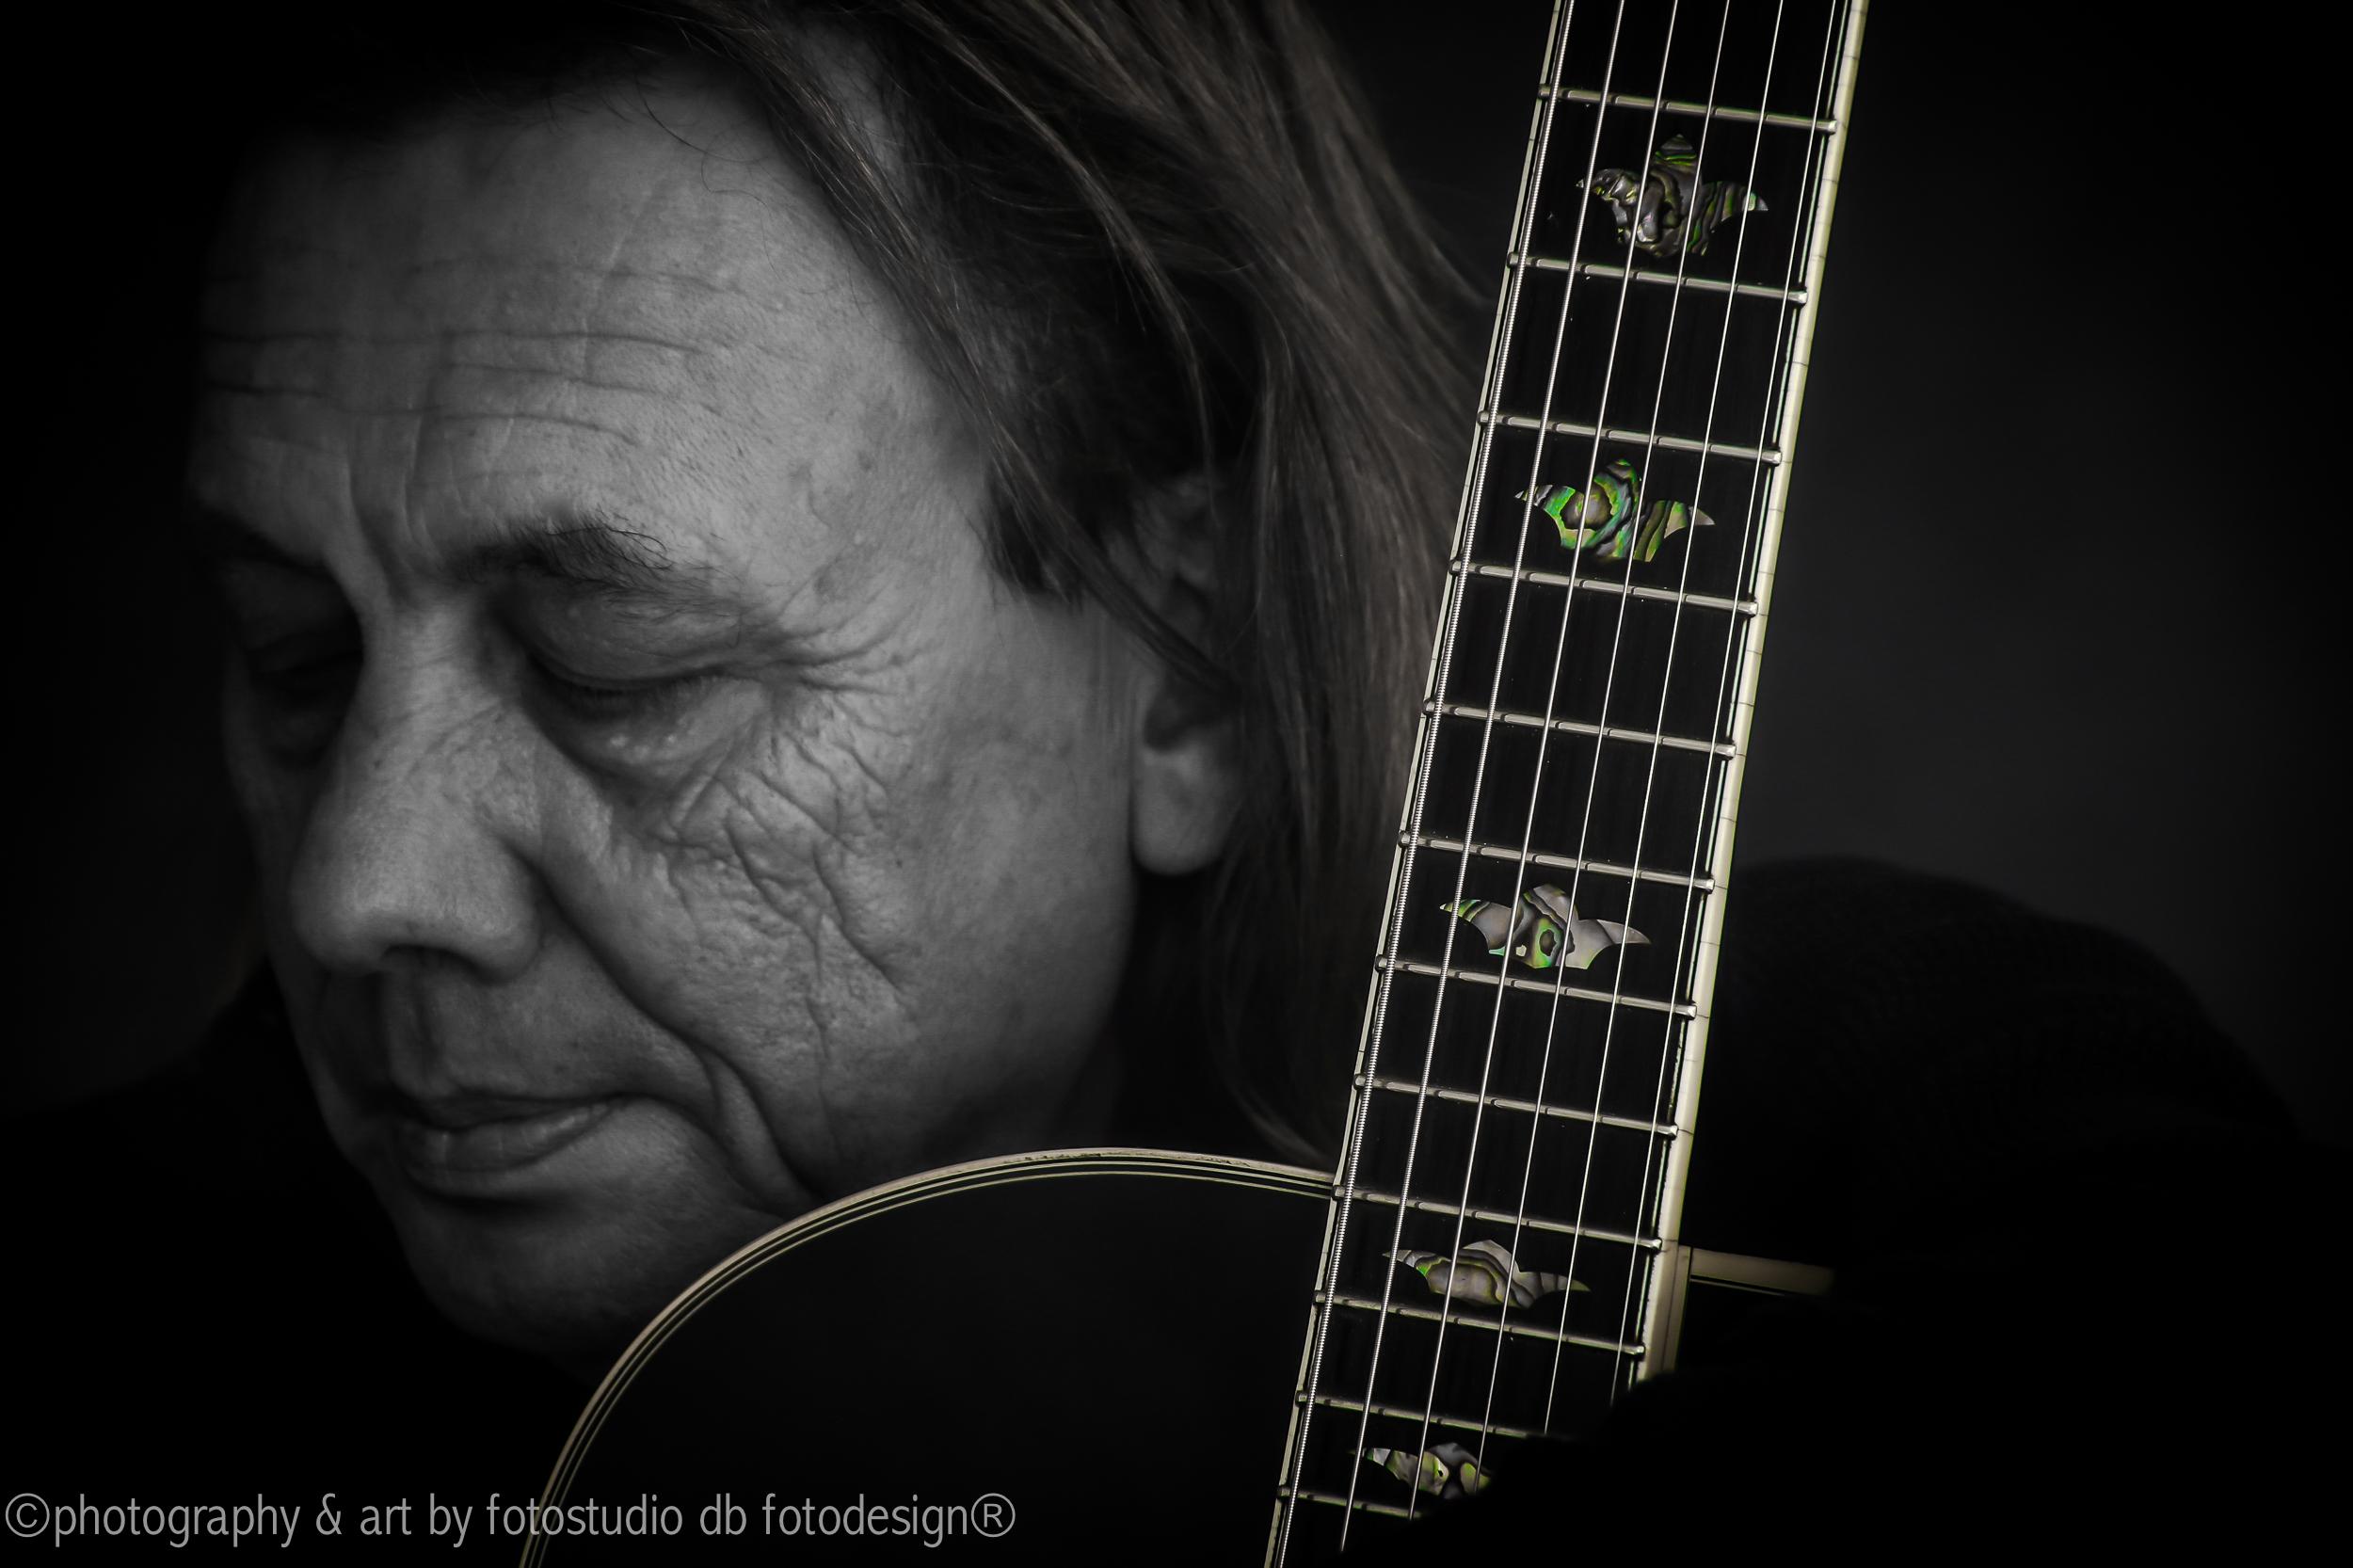 Mick - 23